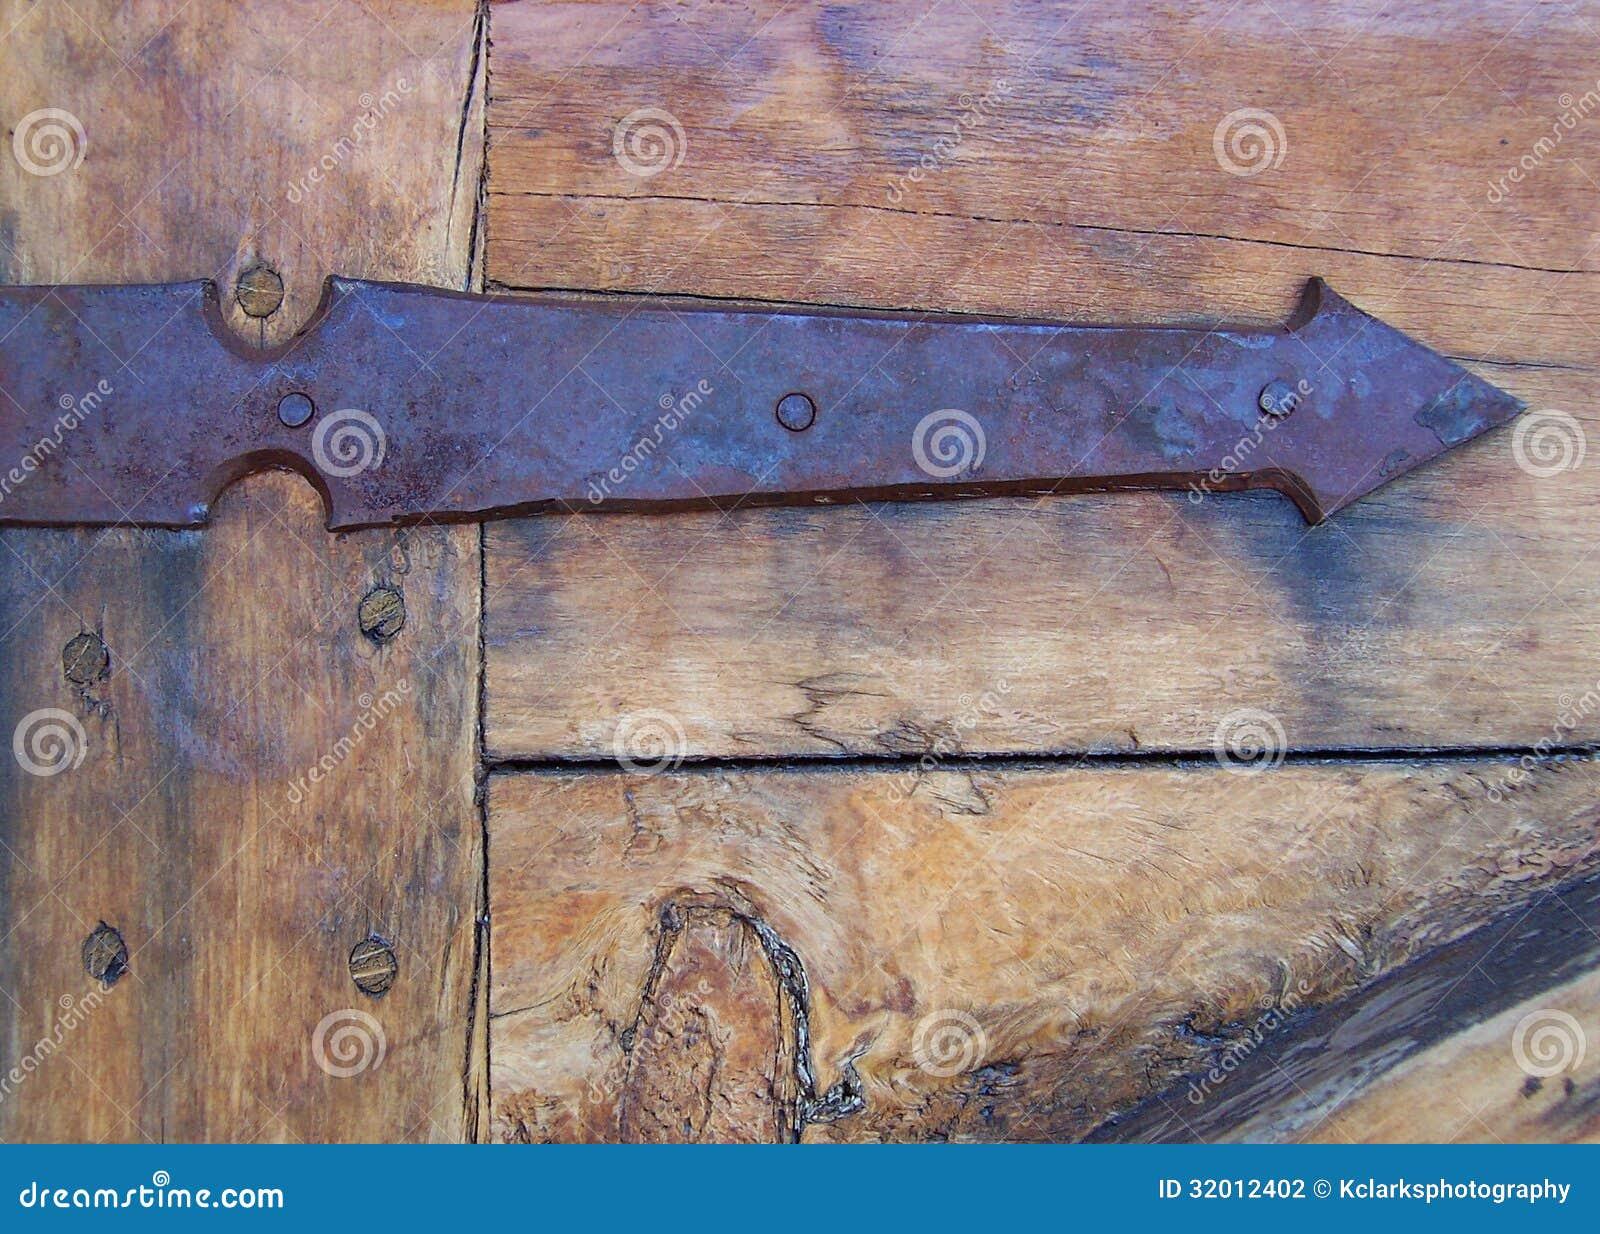 Antique Rusty Arrow Hinge And Door Stock Photography